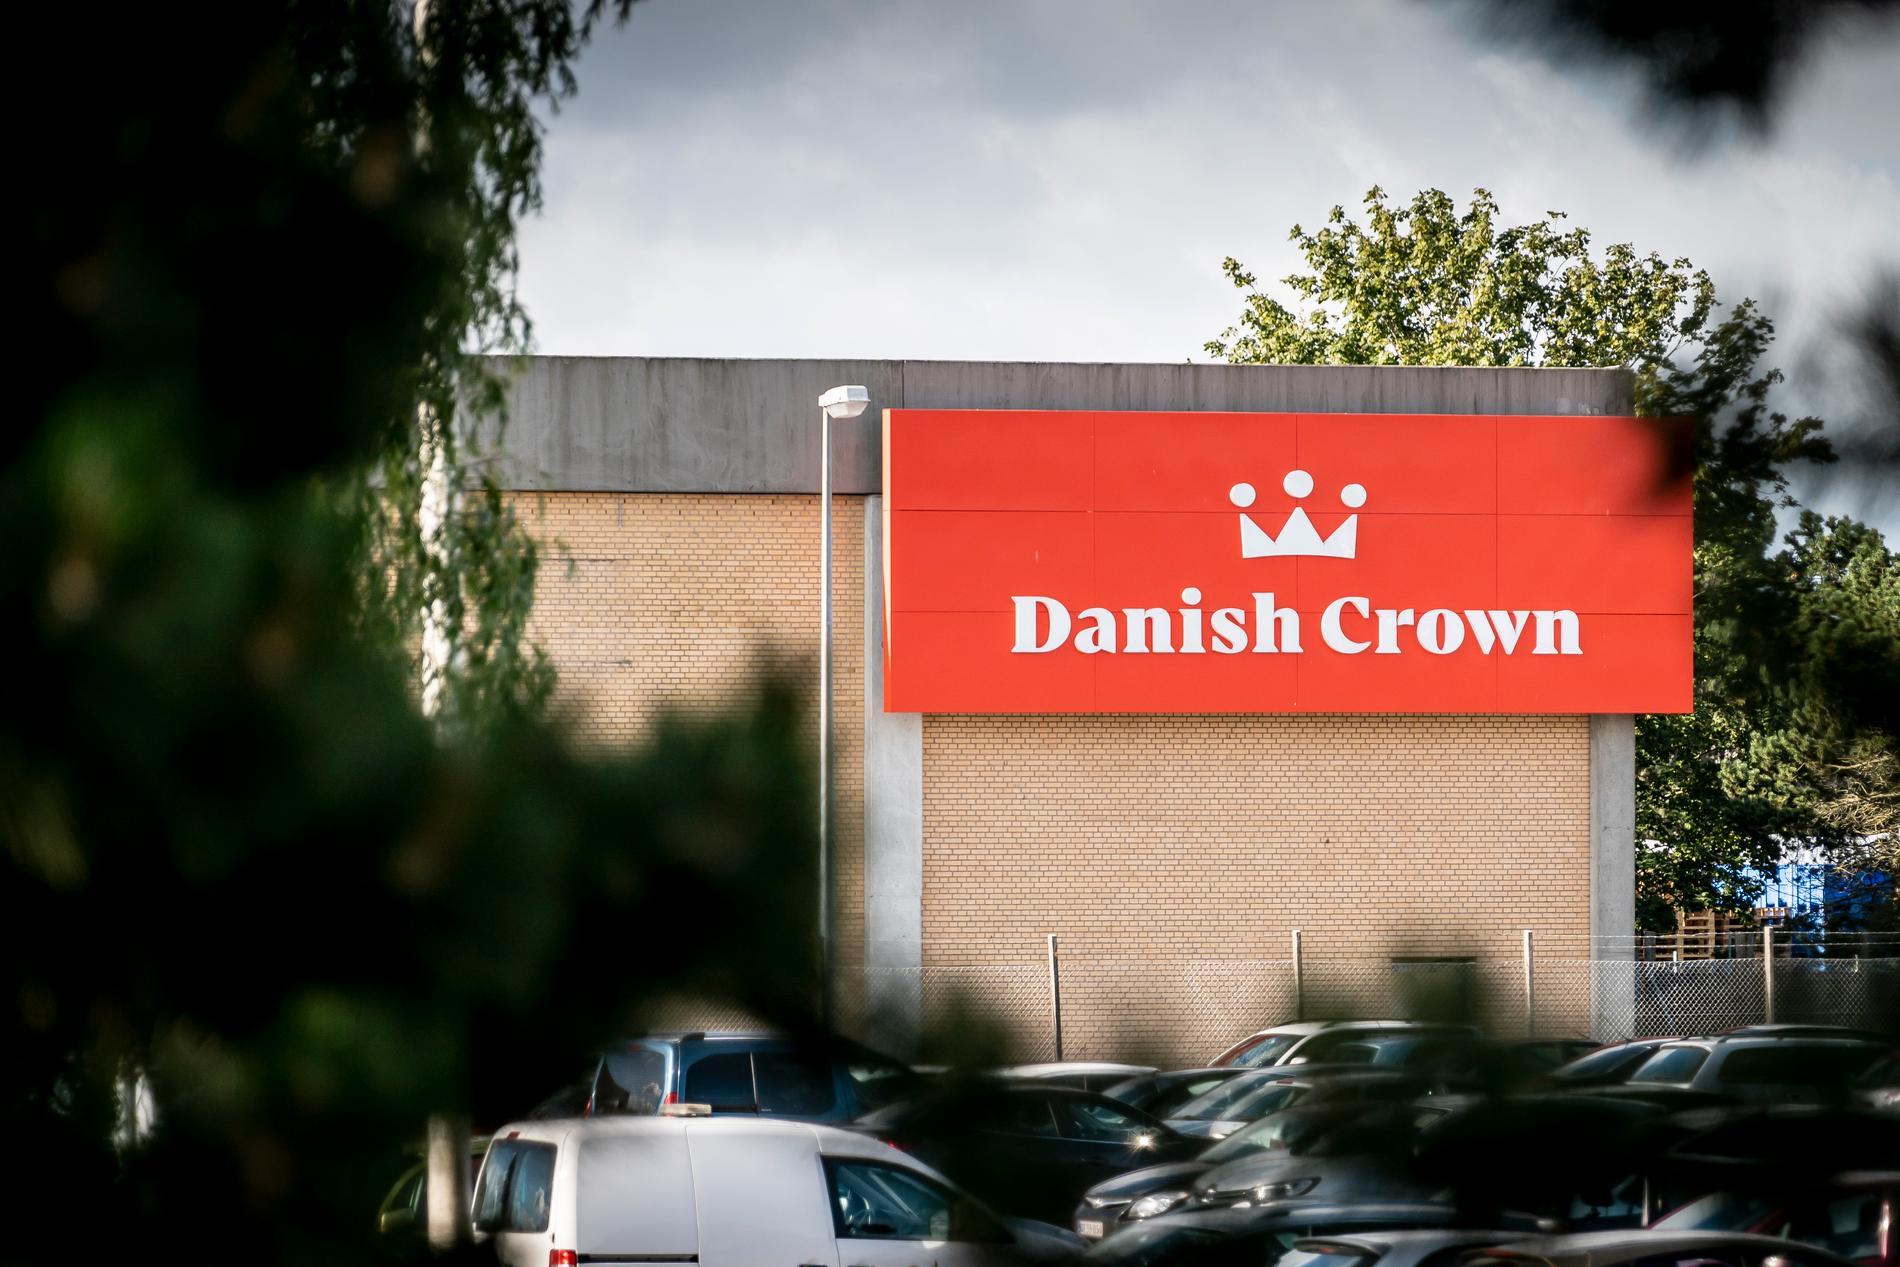 På slakteriet Danish Crown har 32 personer bekräftats med covid-19.